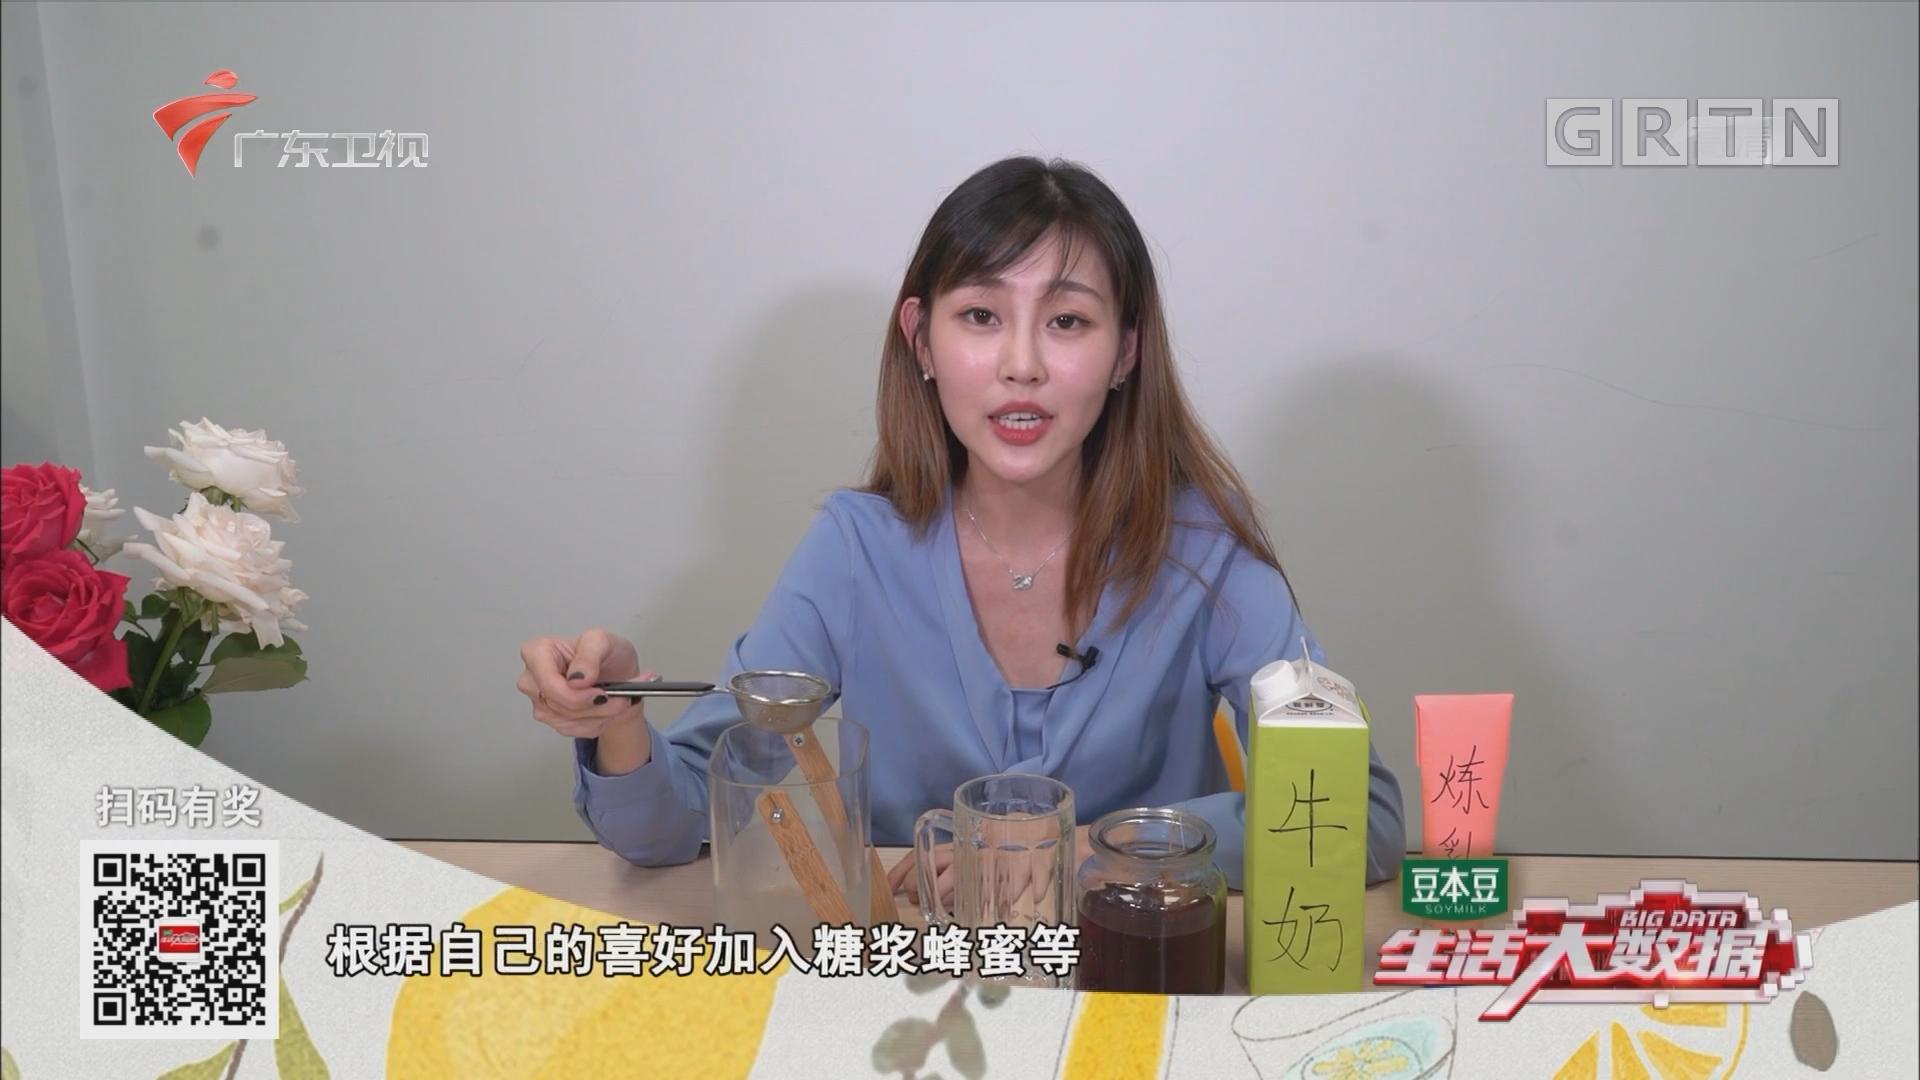 自制网红奶茶